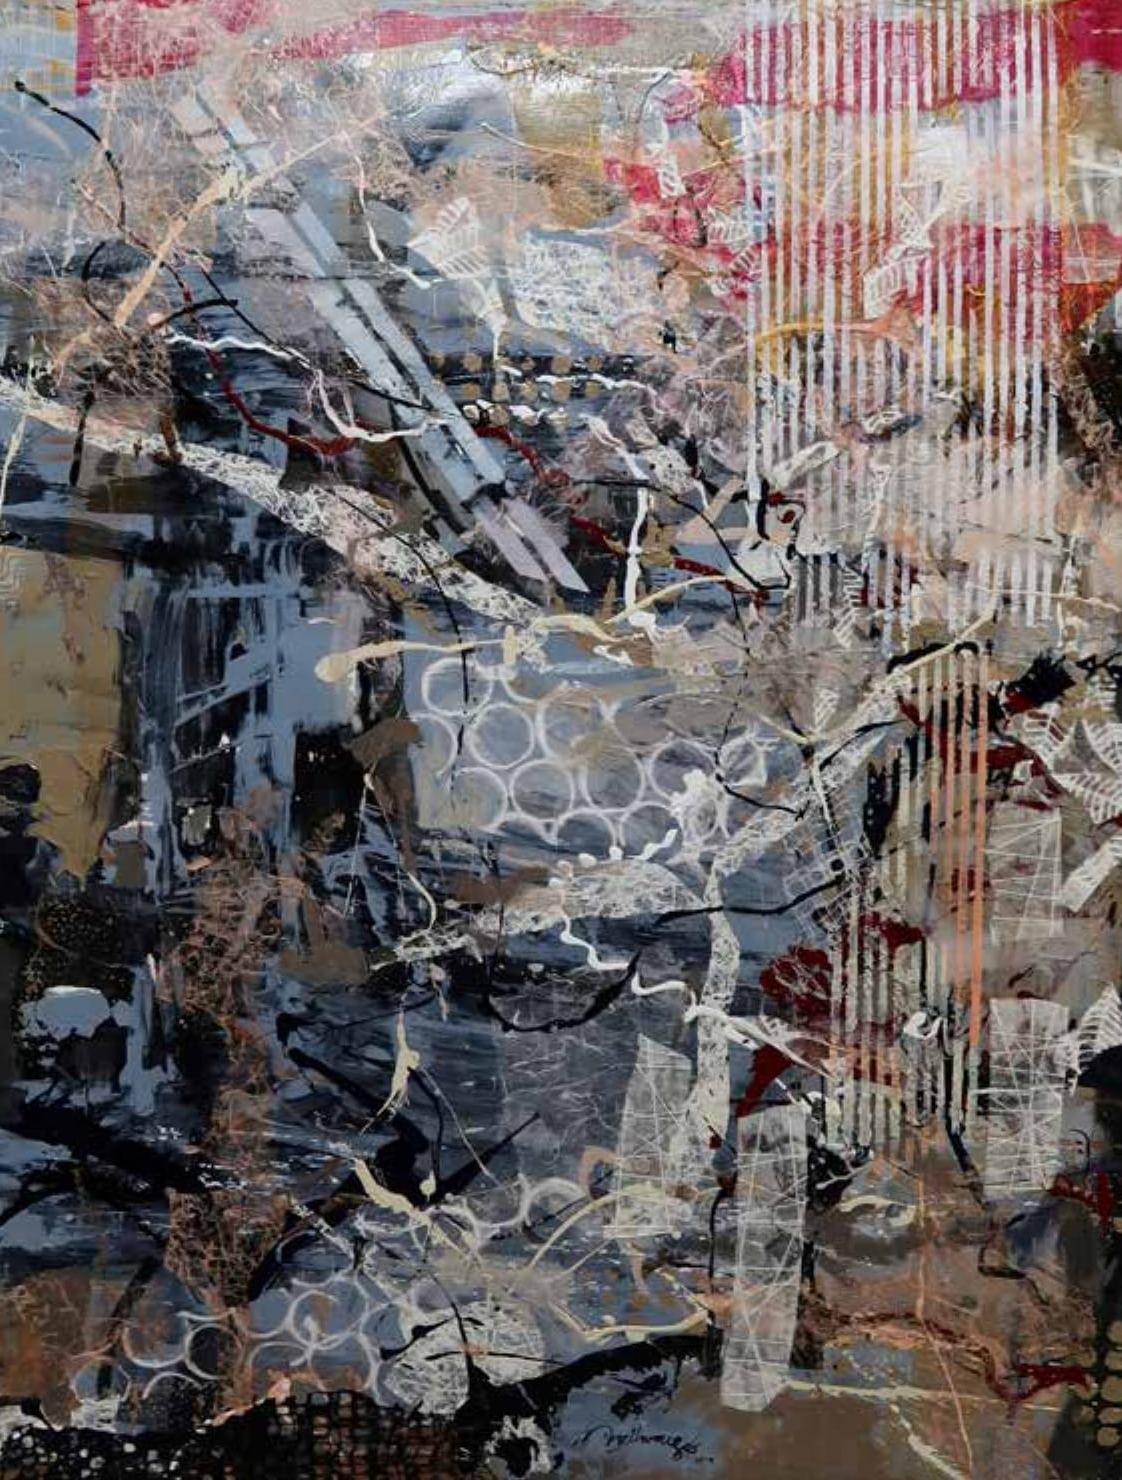 Correspondence with Erik Satie 14